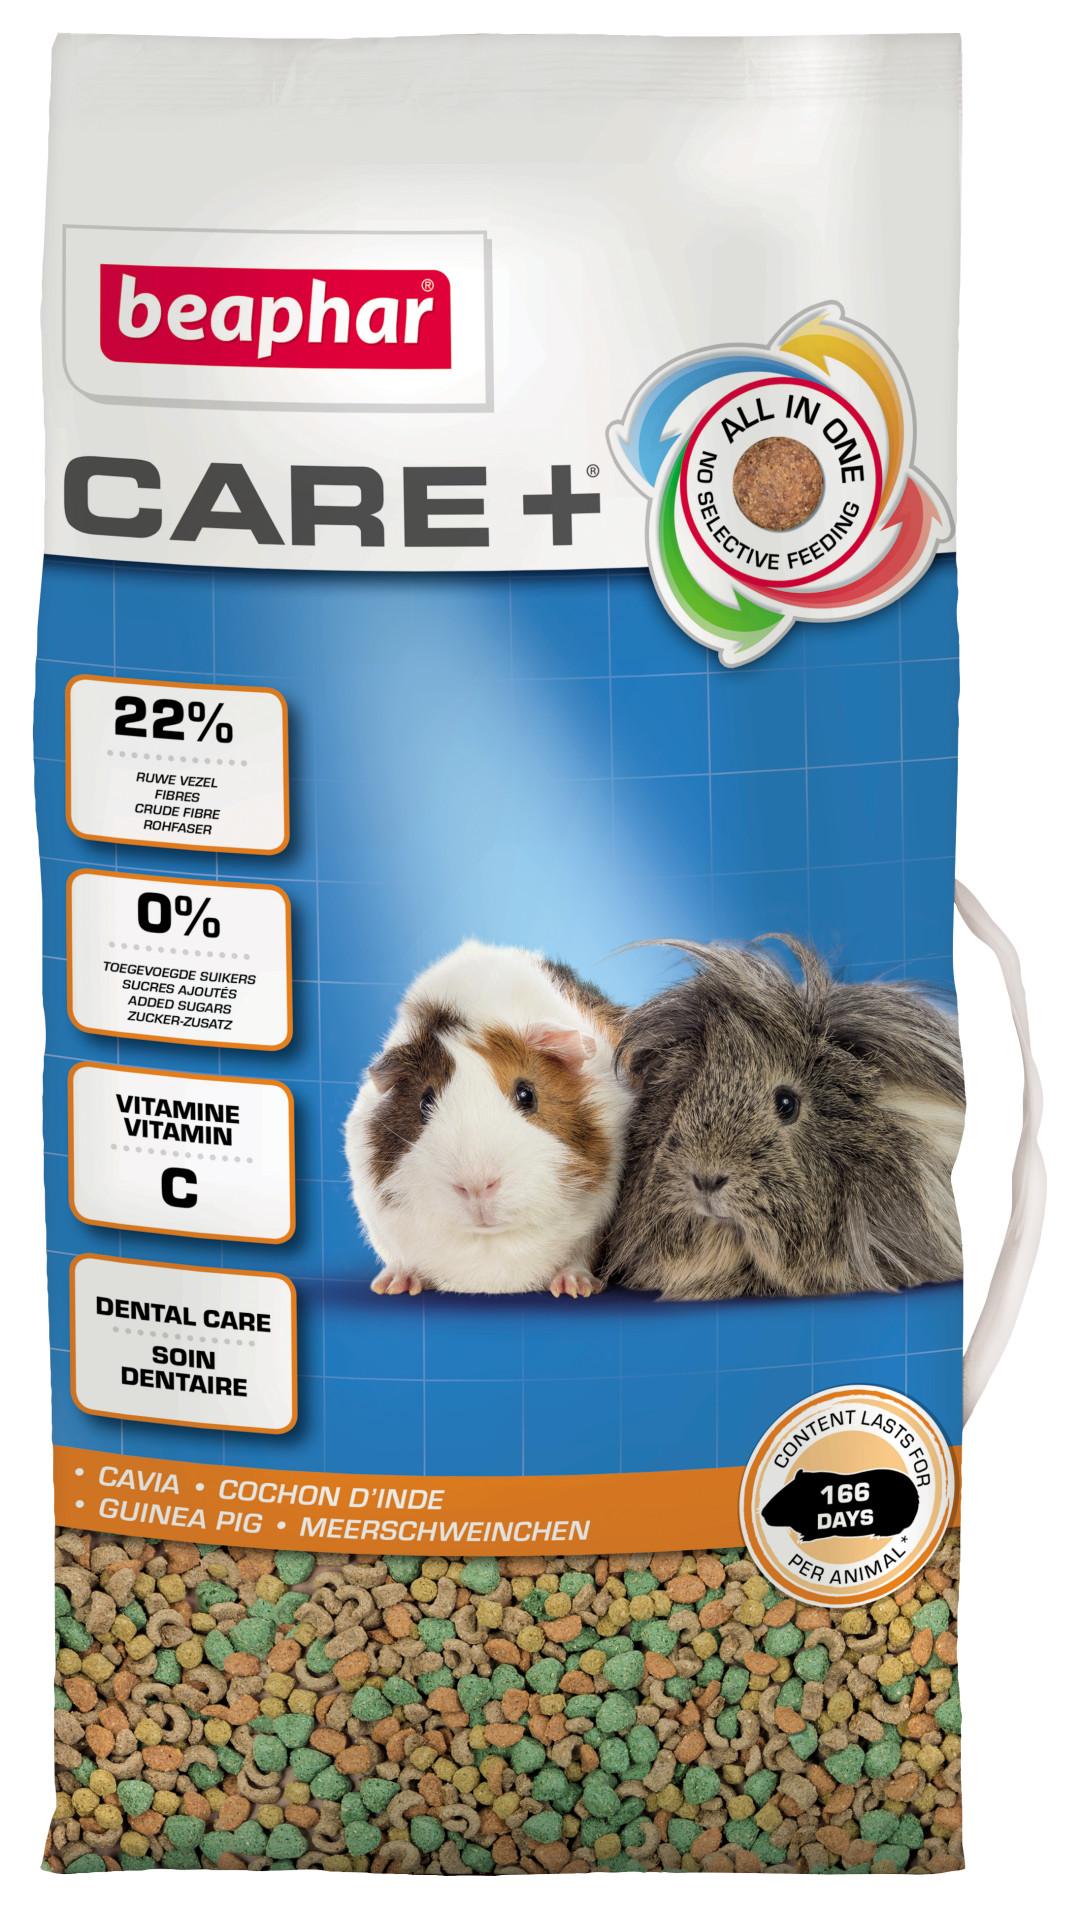 Beaphar Care+ cavia <br>5 kg